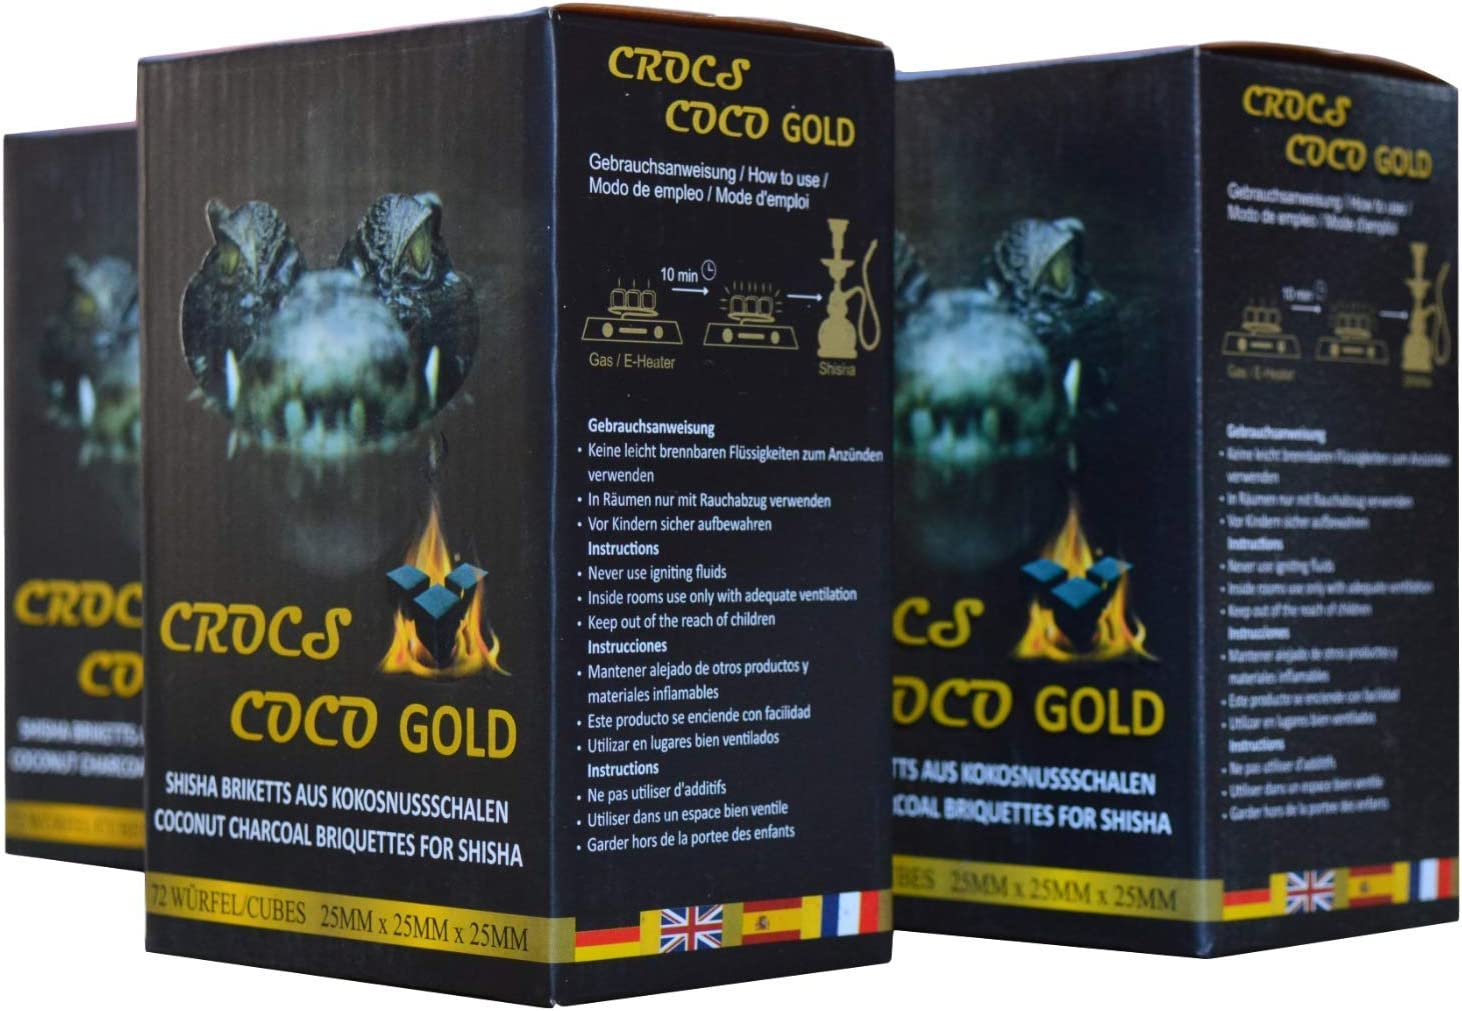 Cross Coco Gold I carbón para shisha I carbón de coco con larga duración I pocas cenizas I baja generación de humo I carbón natural sostenible I Cubo de shisha con calidad premium I 3 kg